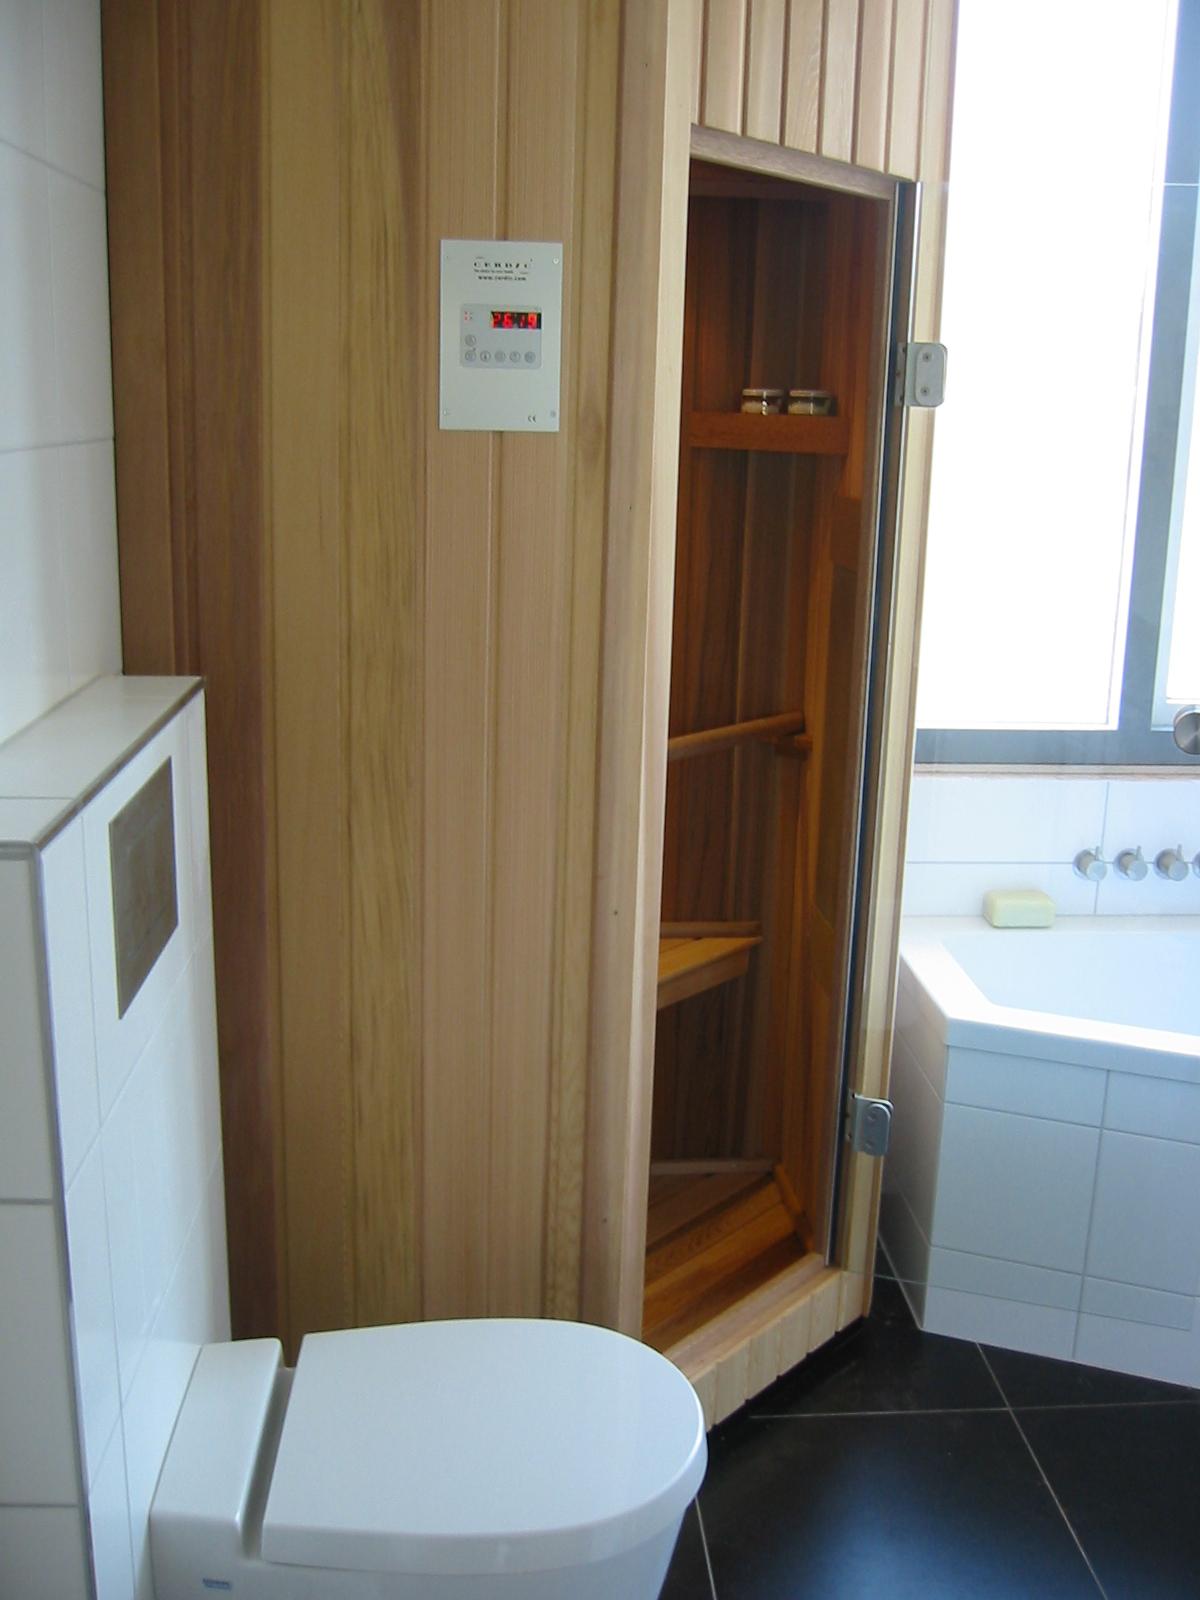 Sauna of infrarood cabine in huis - Nieuws Startpagina voor badkamer ...